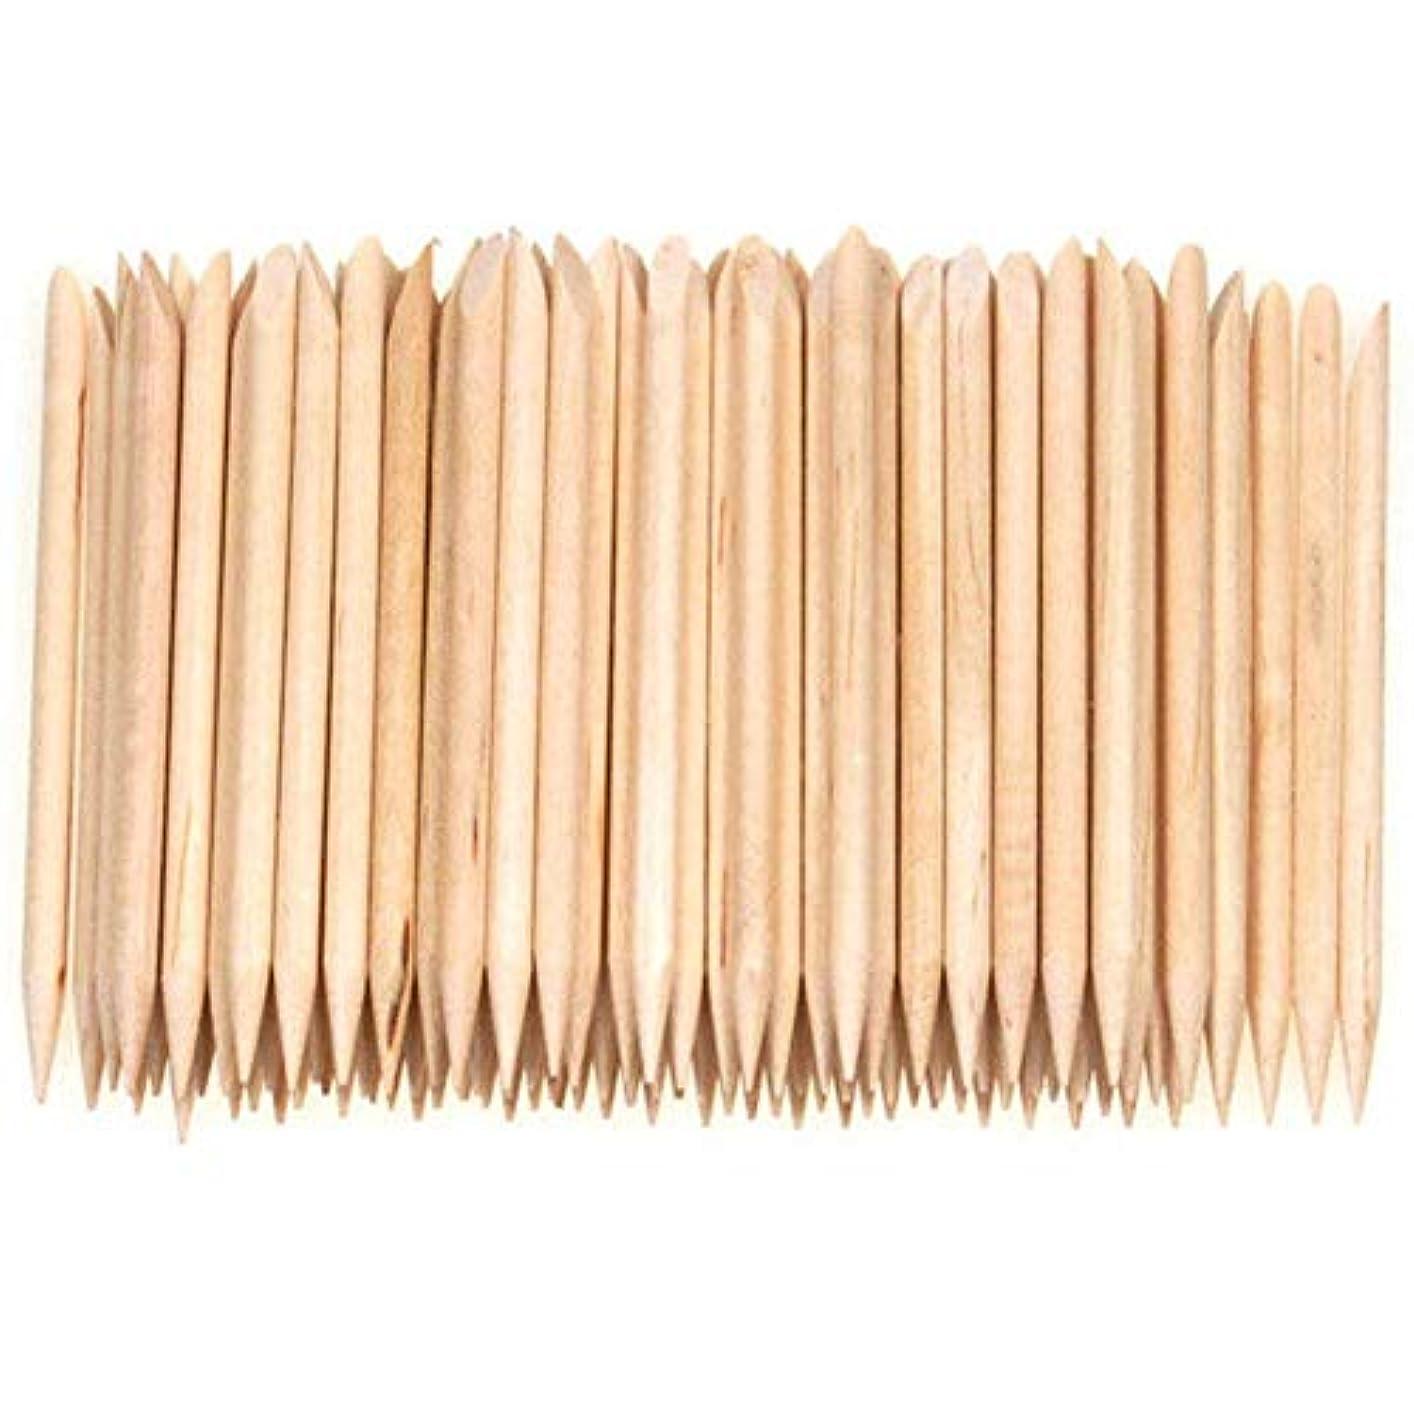 溶ける方程式ロードハウスGaoominy 100個ネイルアートデザイン木製の棒キューティクルプッシャーリムーバーマニキュアケア